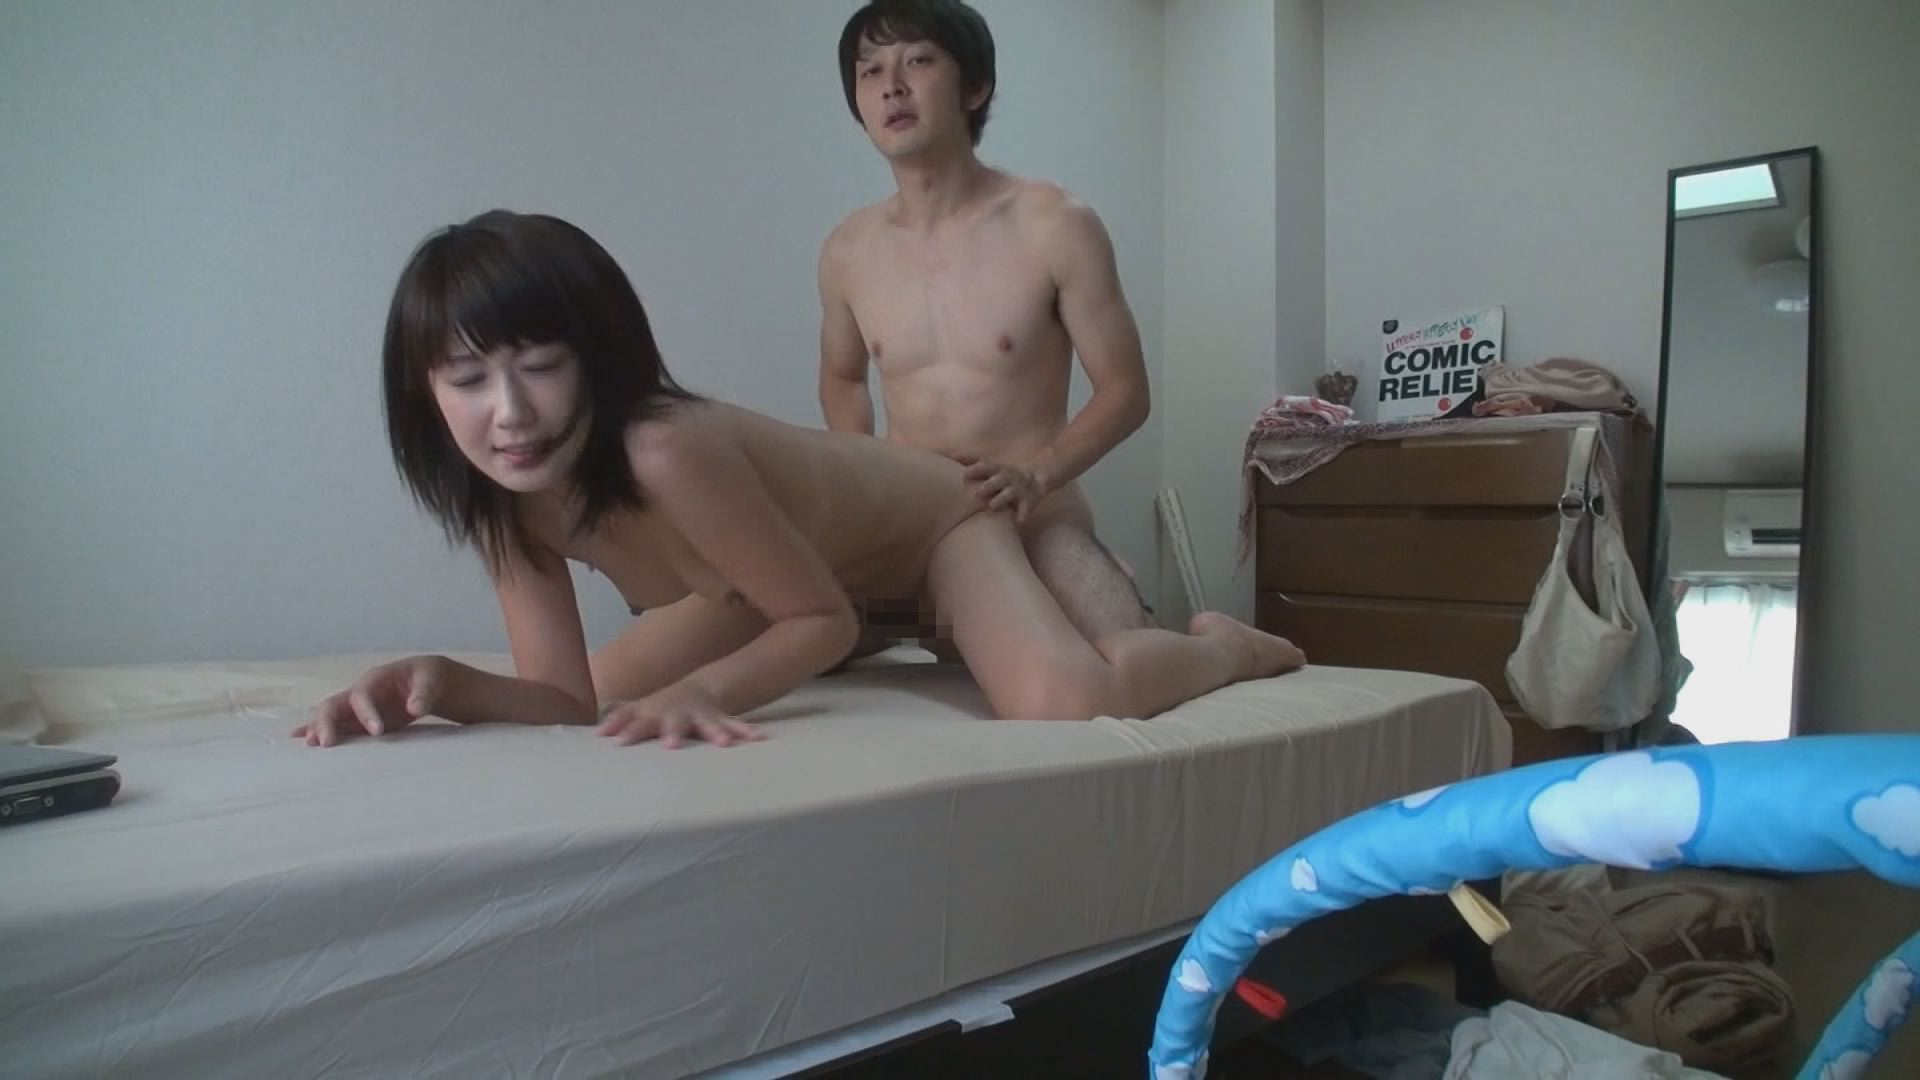 【個人撮影】埼玉県在住めぐちゃん29歳 自宅で中出し6発撮影